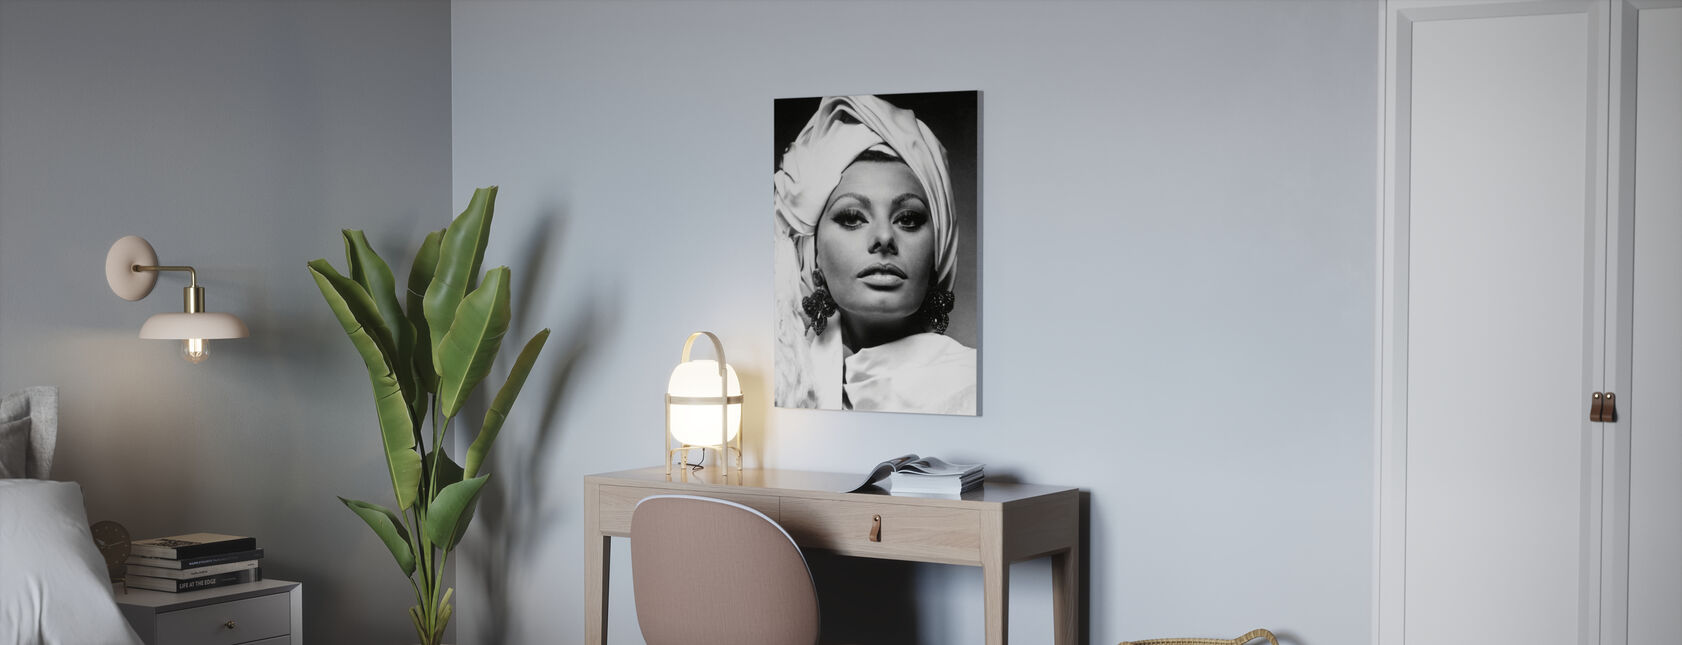 Arabeska - Sophia Loren - Obraz na płótnie - Biuro